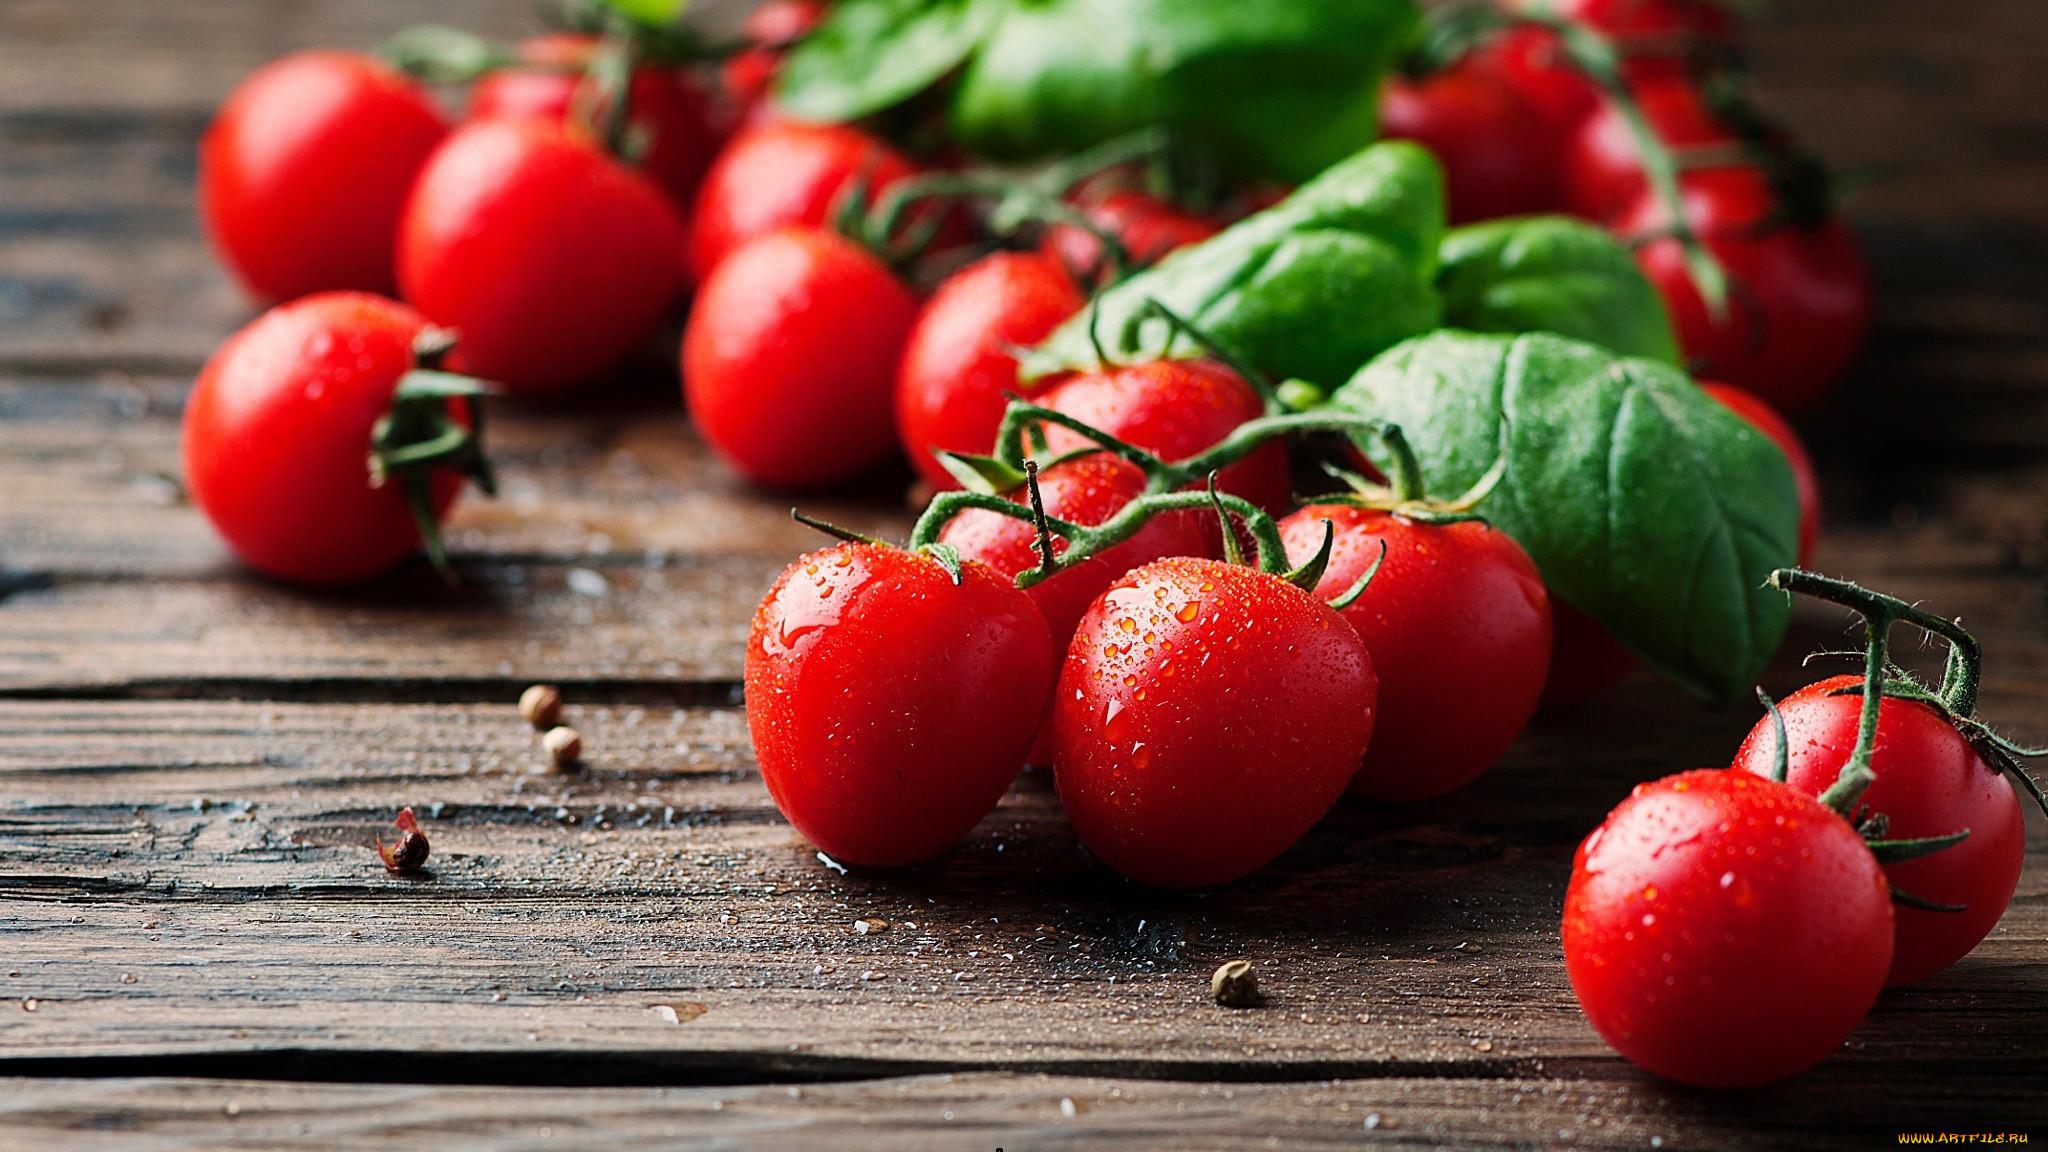 картинки помидоров растение для рабочего стола просто выберите файл